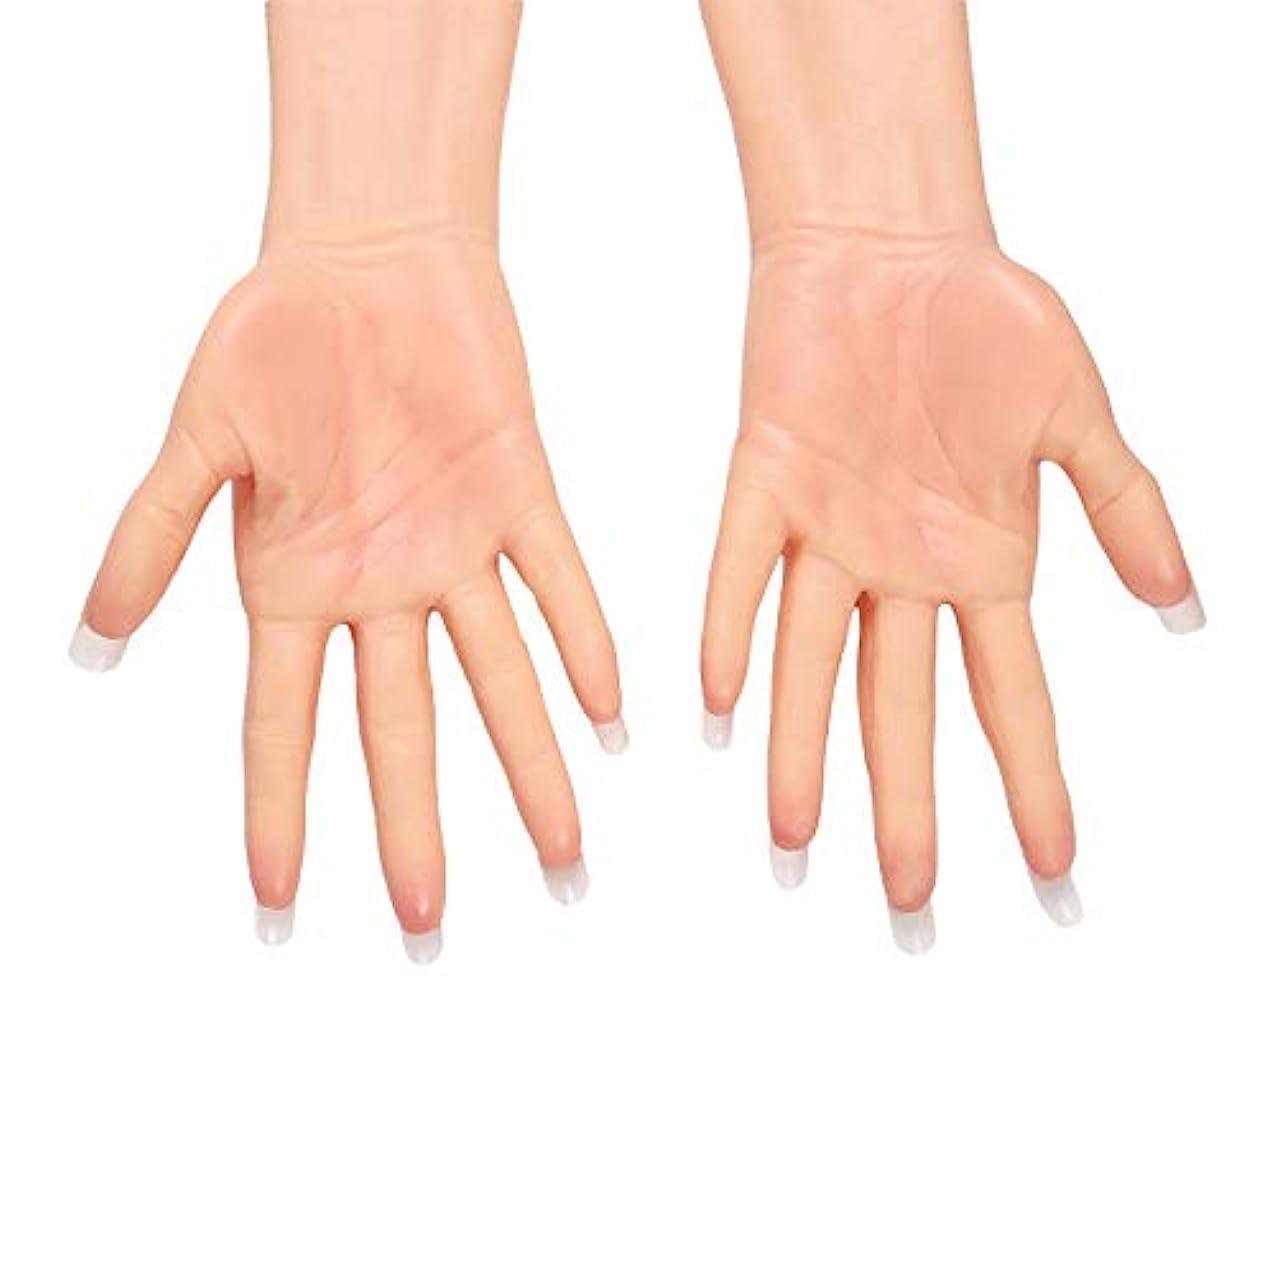 希少性動中止します女性の肌の色擬似皮膚シリコーン手袋カバー手のやけど擬似皮膚シリコーン手袋手の瘢痕閉塞義足,ColorNO.2,Nonails